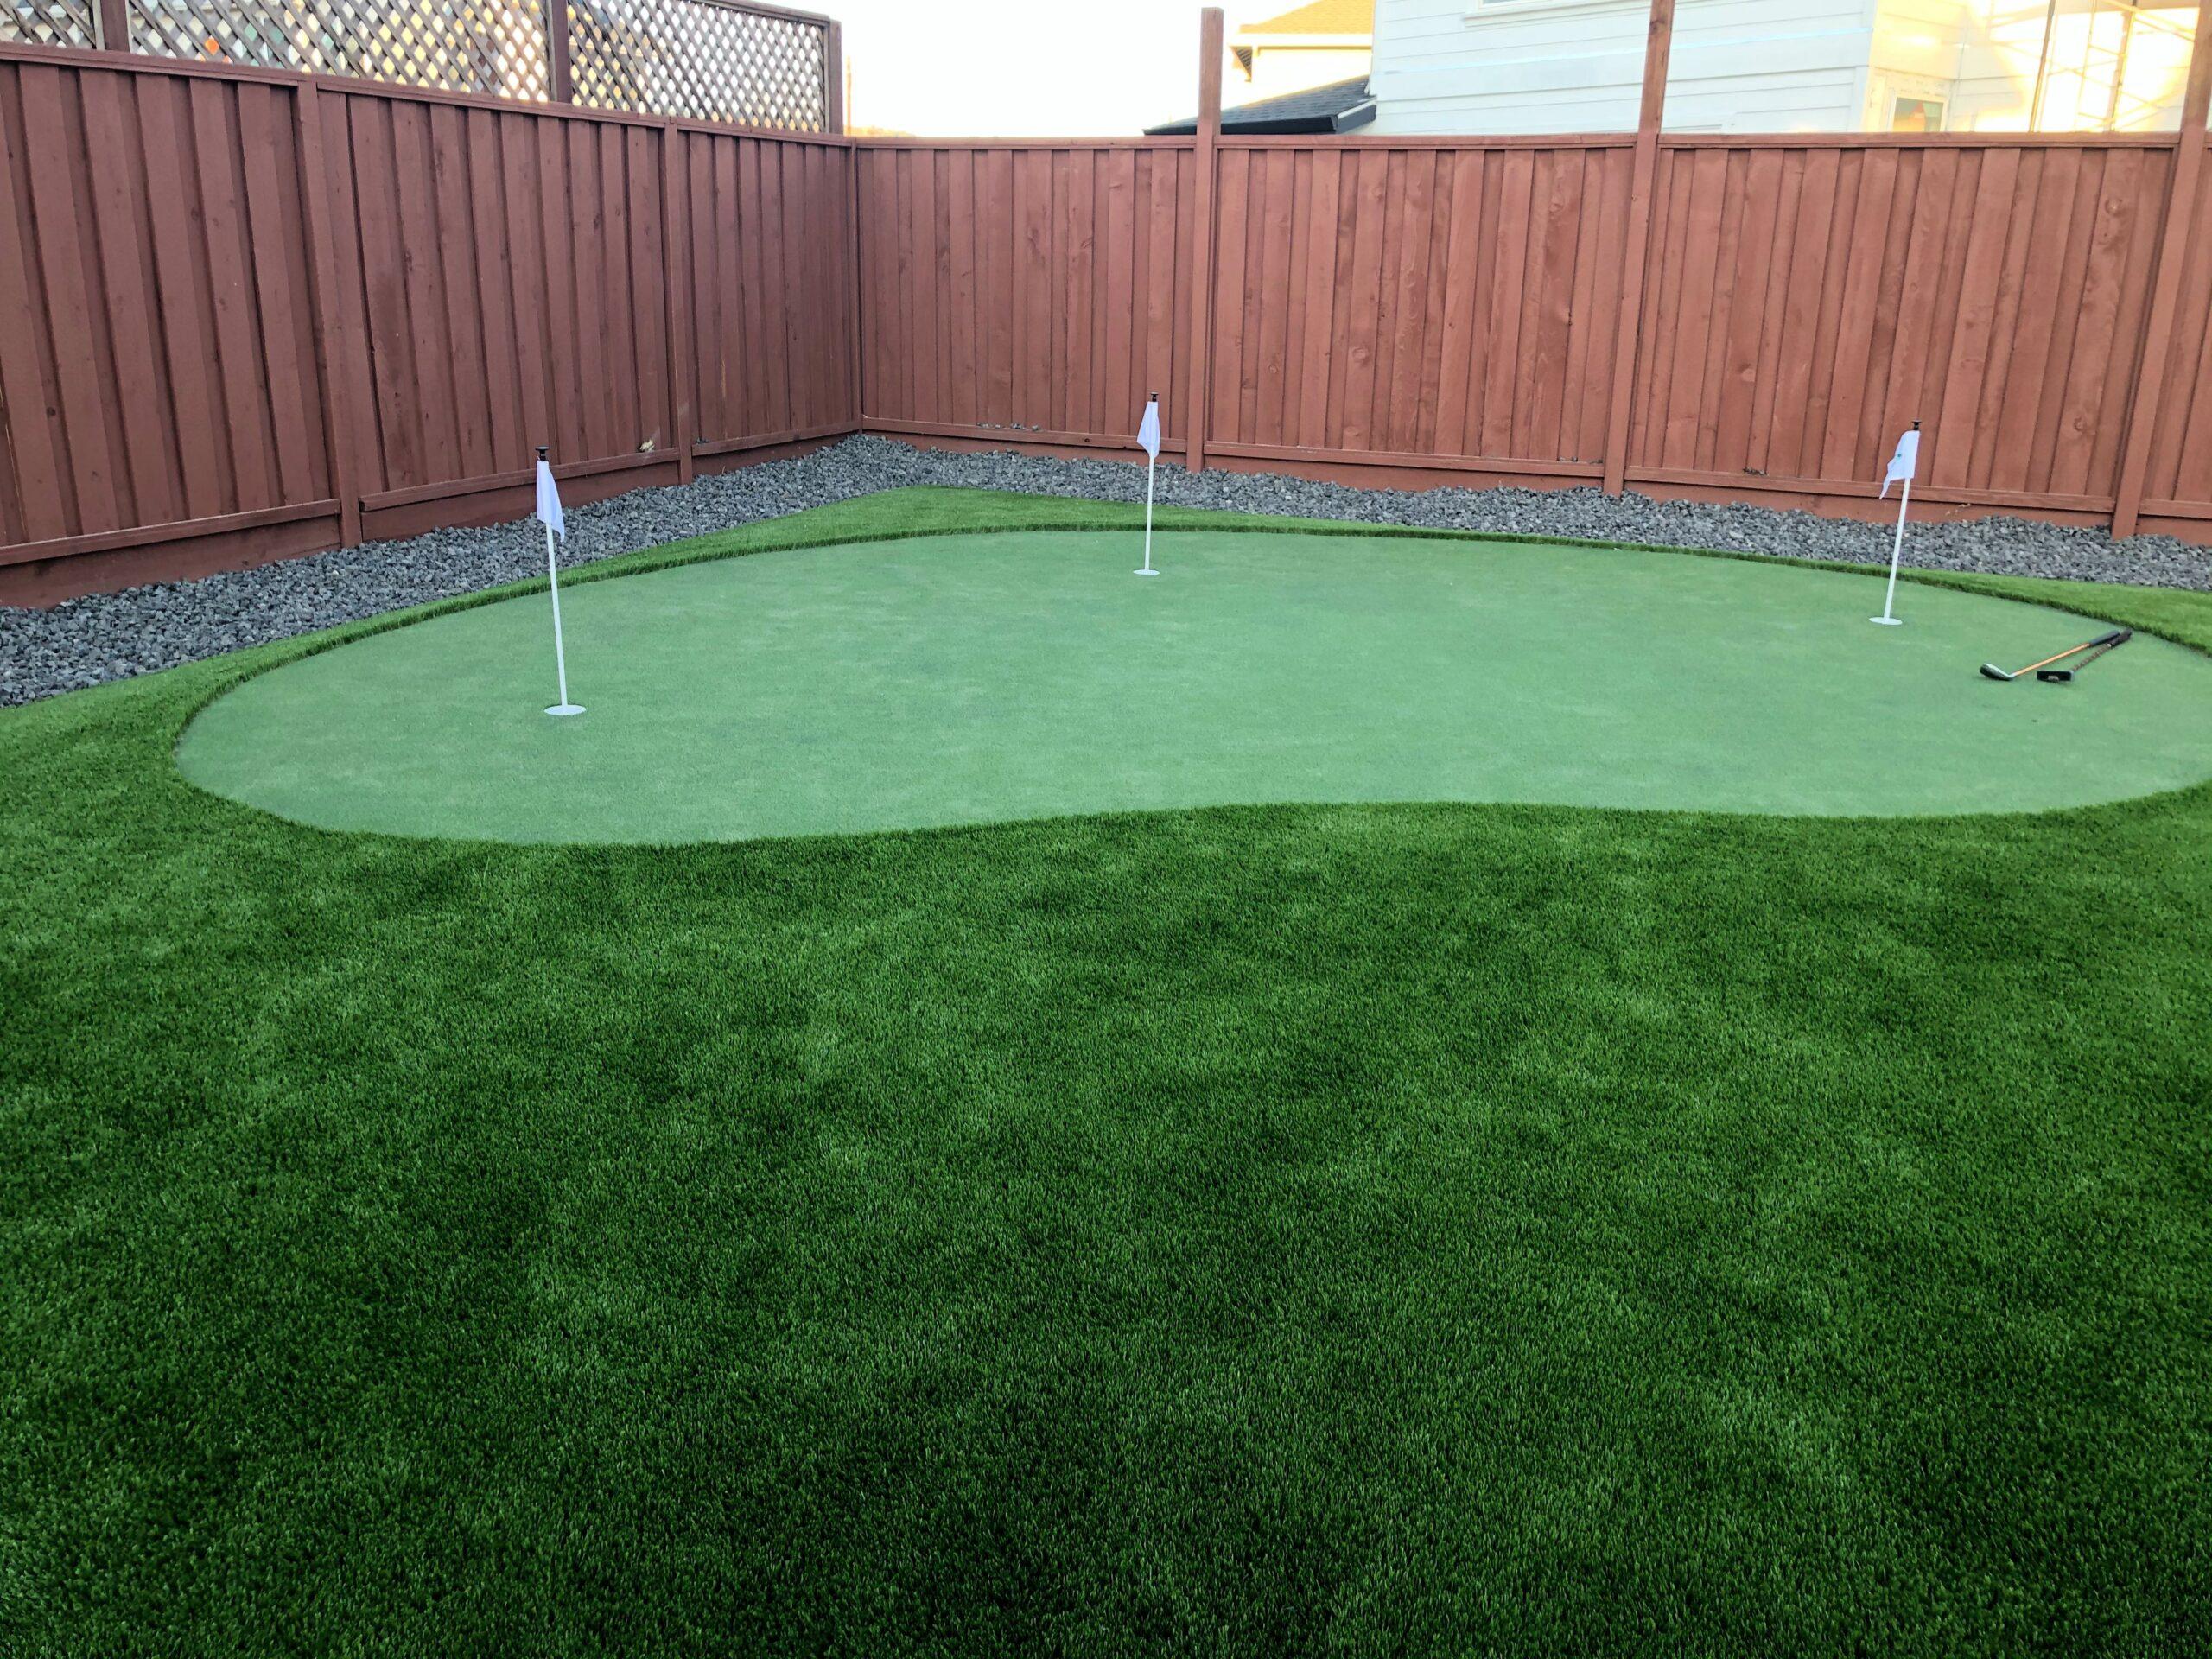 backyard artificial grass putting green